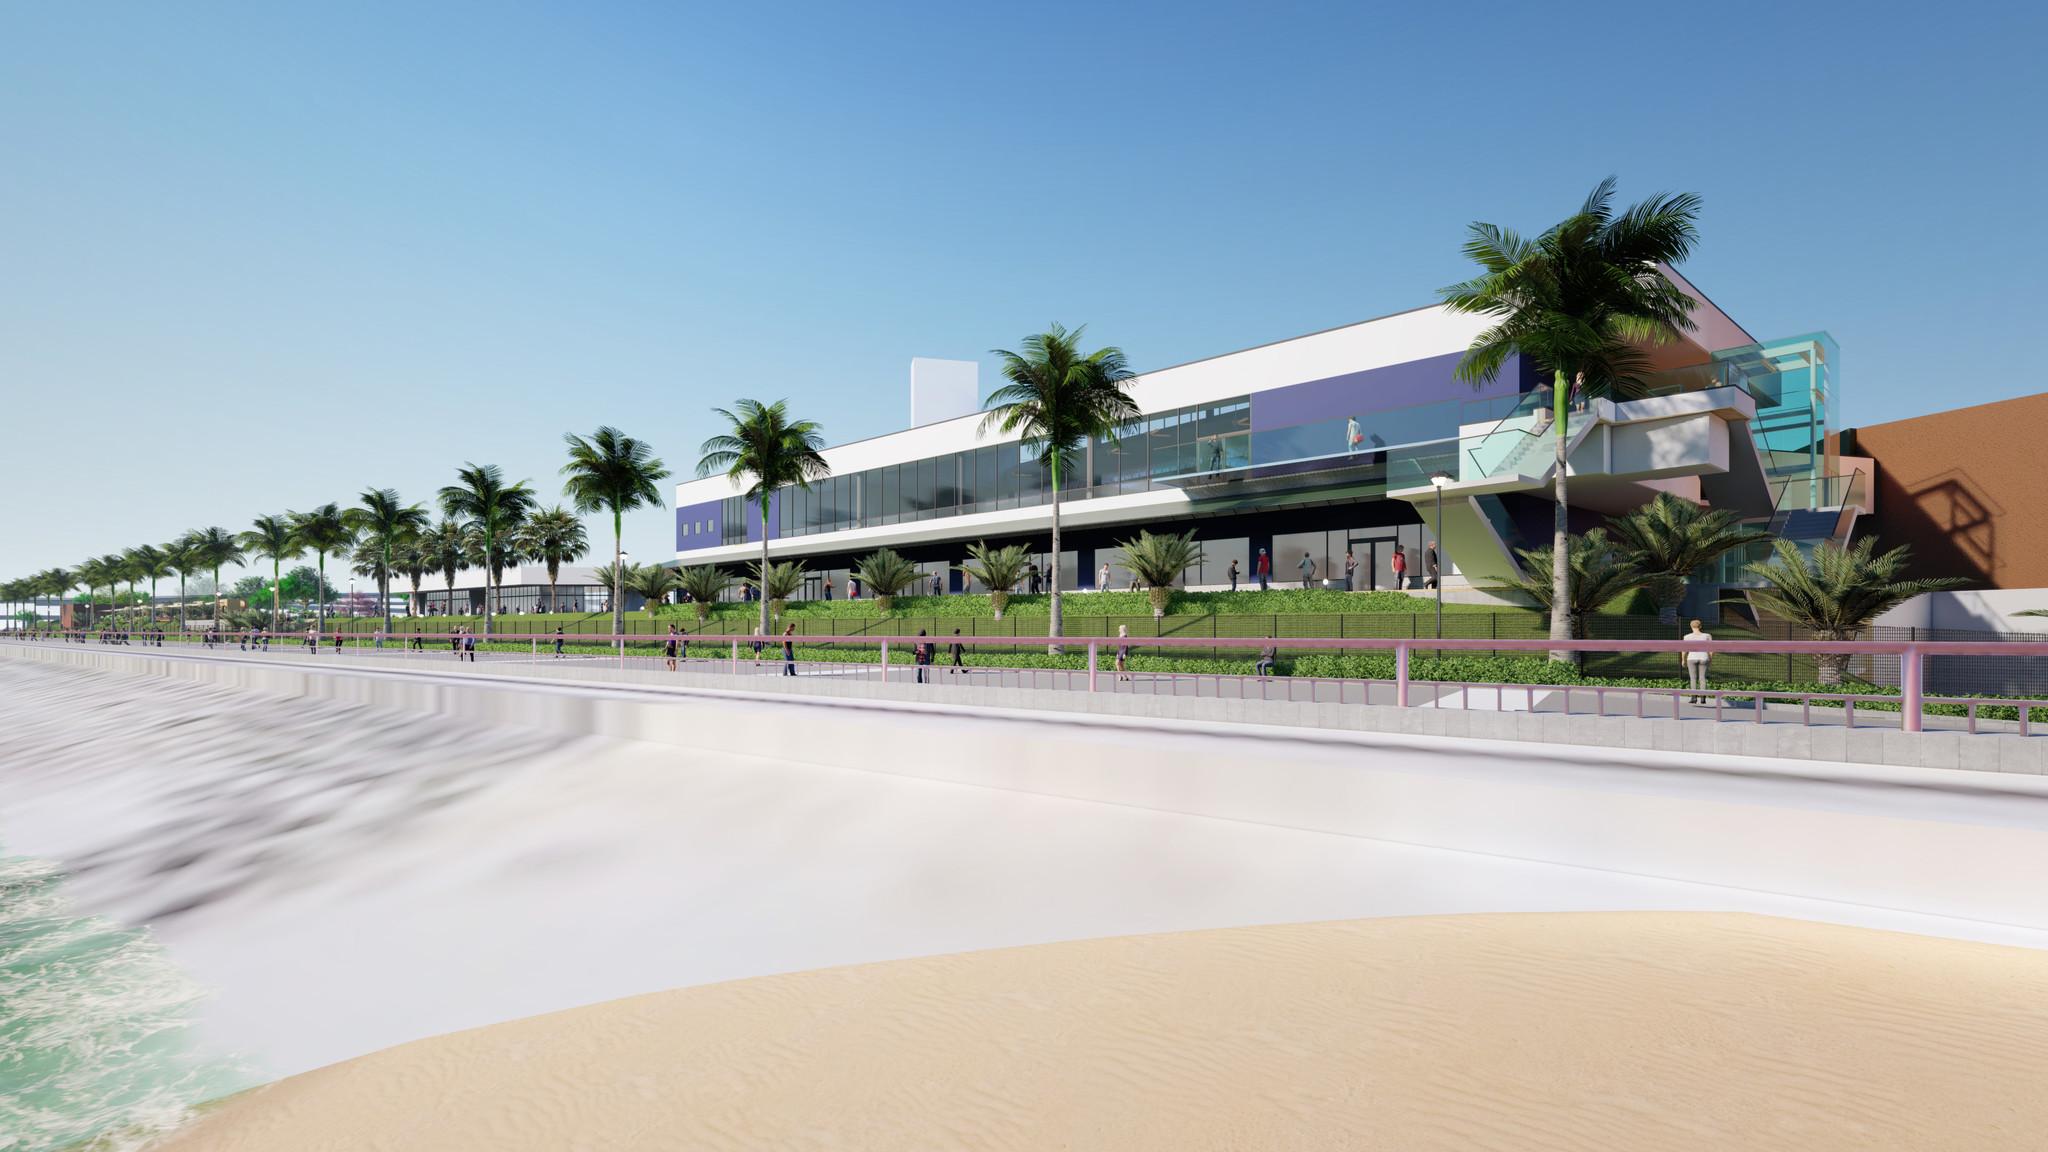 りんくうプレミアム・アウトレット 第5期開業 西日本最大のアウトレットへ  敷地内に初のグランピング施設も登場